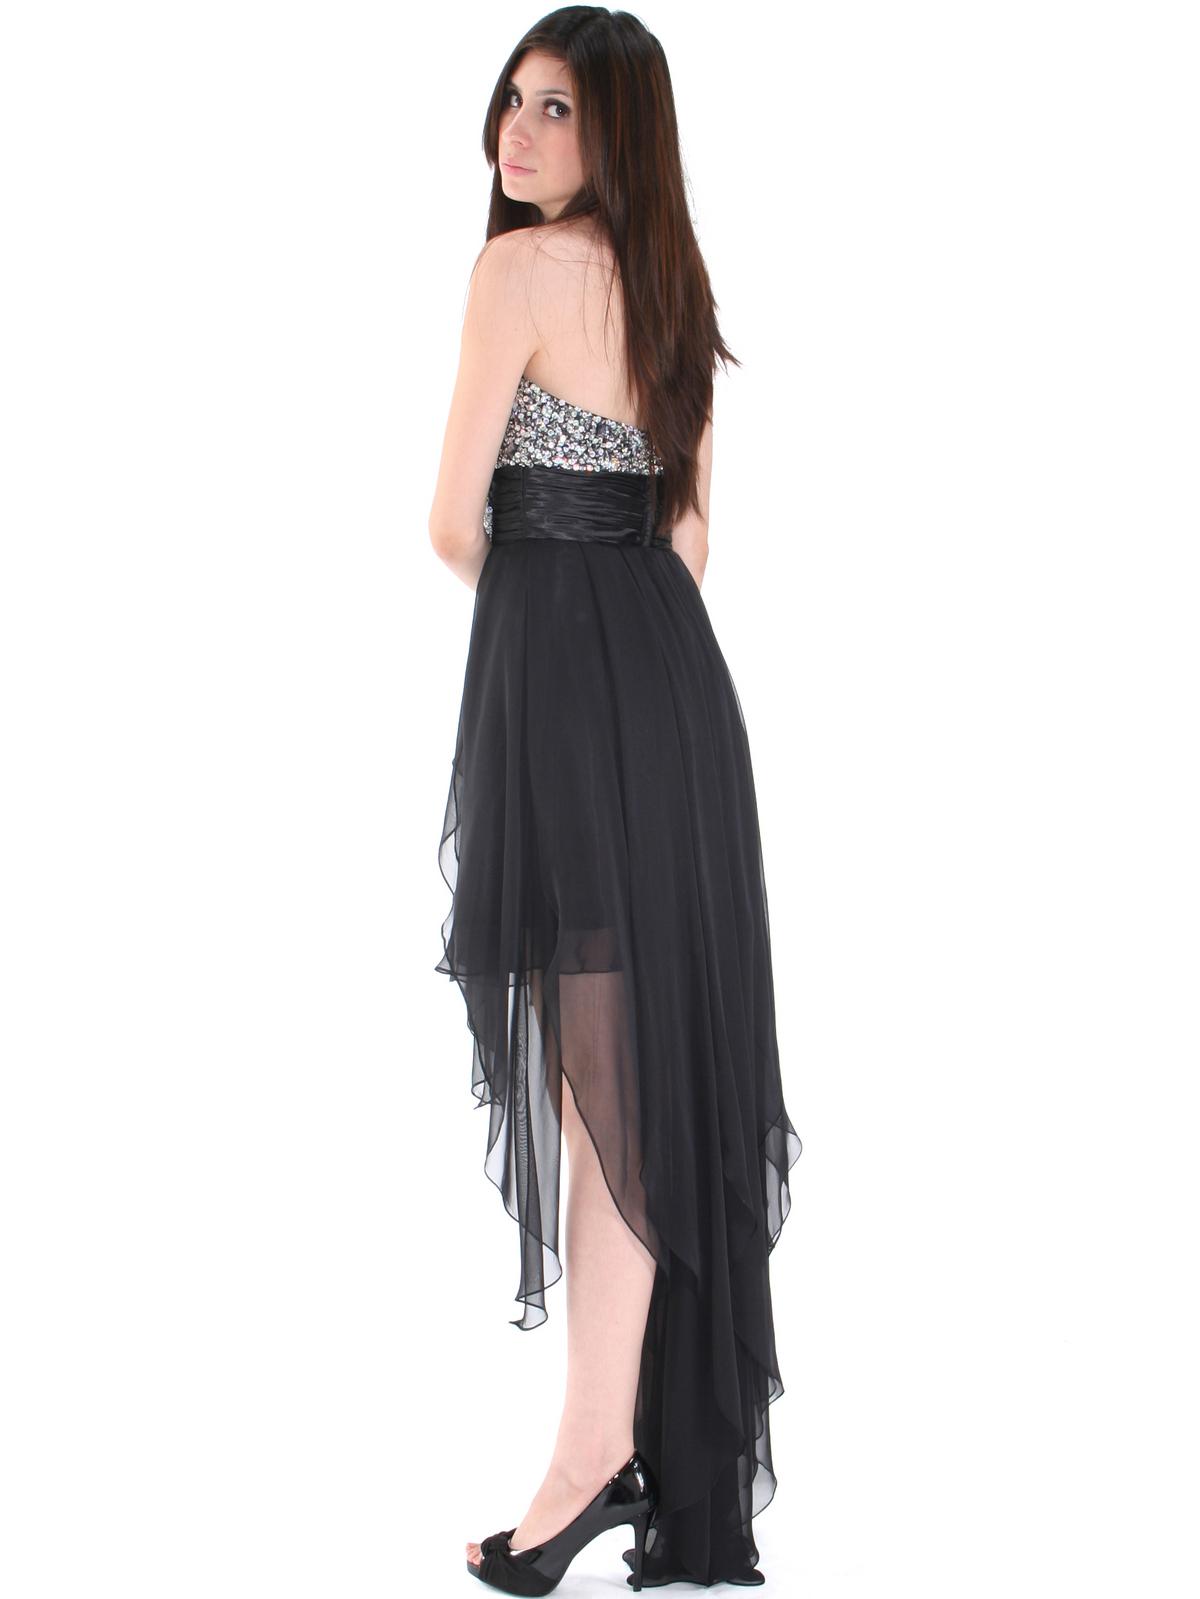 Sequin Top Chiffon Cocktail Dress Sung Boutique L A